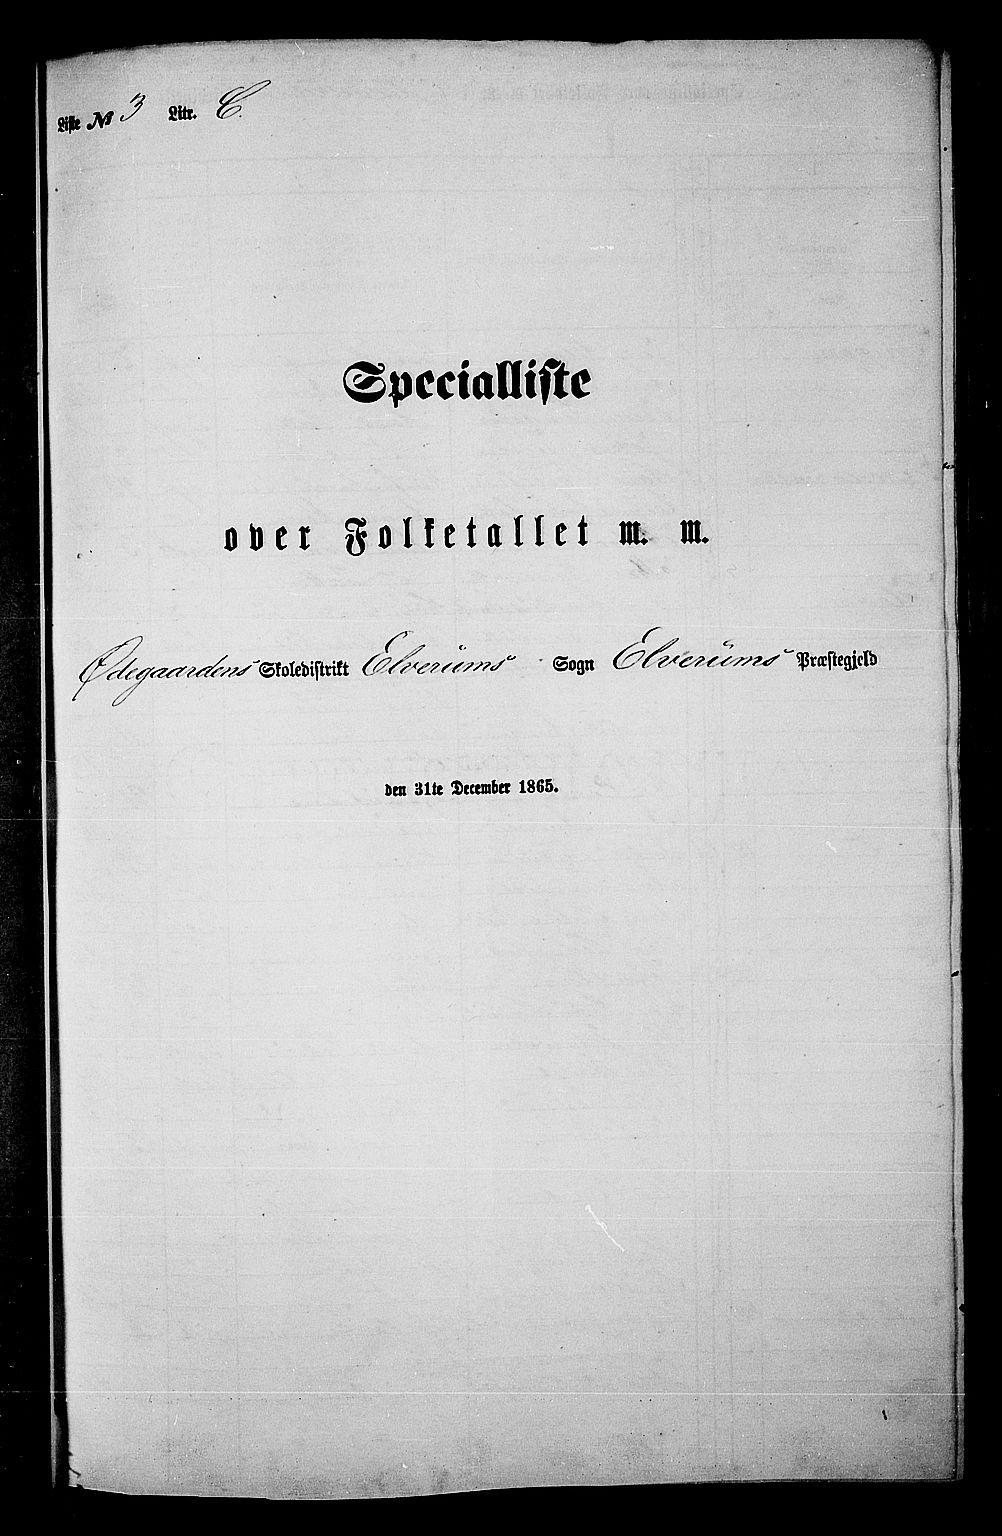 RA, Folketelling 1865 for 0427P Elverum prestegjeld, 1865, s. 81